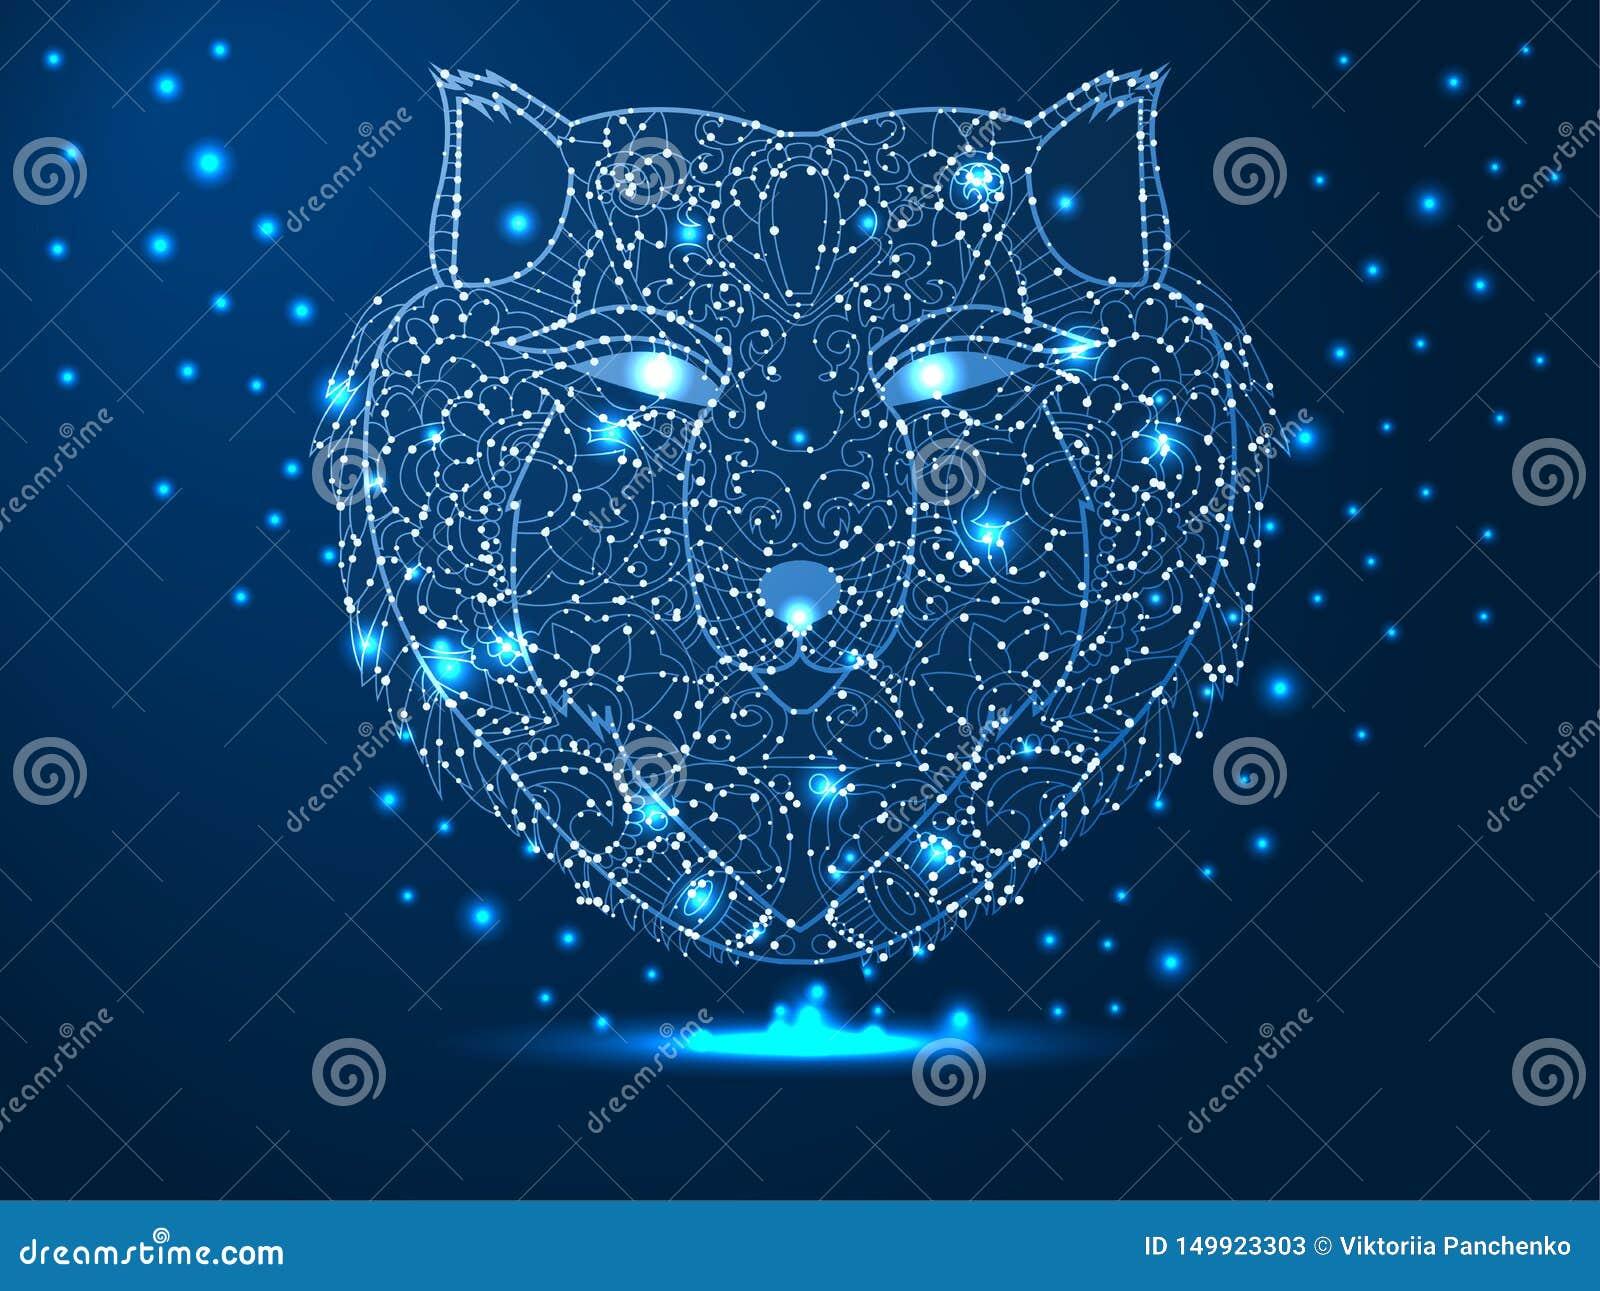 Cabe?a de um lobo, ca?ador, animal Ilustra??o poligonal abstrata em escuro - fundo azul com as estrelas com formas do destruct